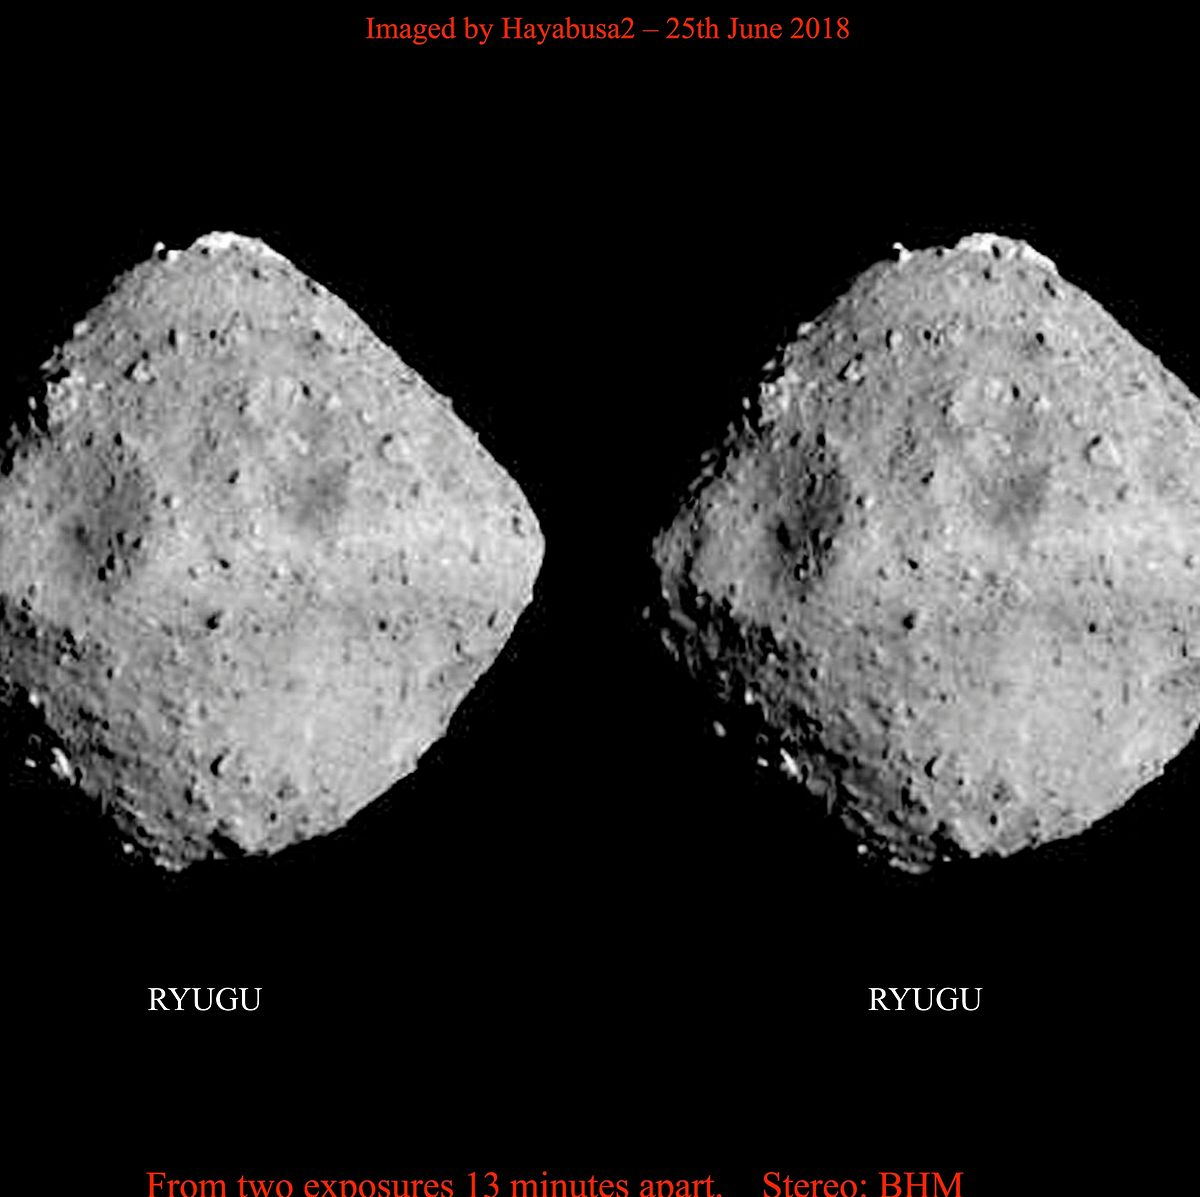 Cette image stéréo de l'astéroïde Ryugu a été produite par le guitariste et astrophysicien Brian May à partir de photos prises à 13 minutes d'intervalle le 26 juin depuis la sonde japonaise Hayabusa2. Elles peuvent se regarder avec des lunettes 3D.